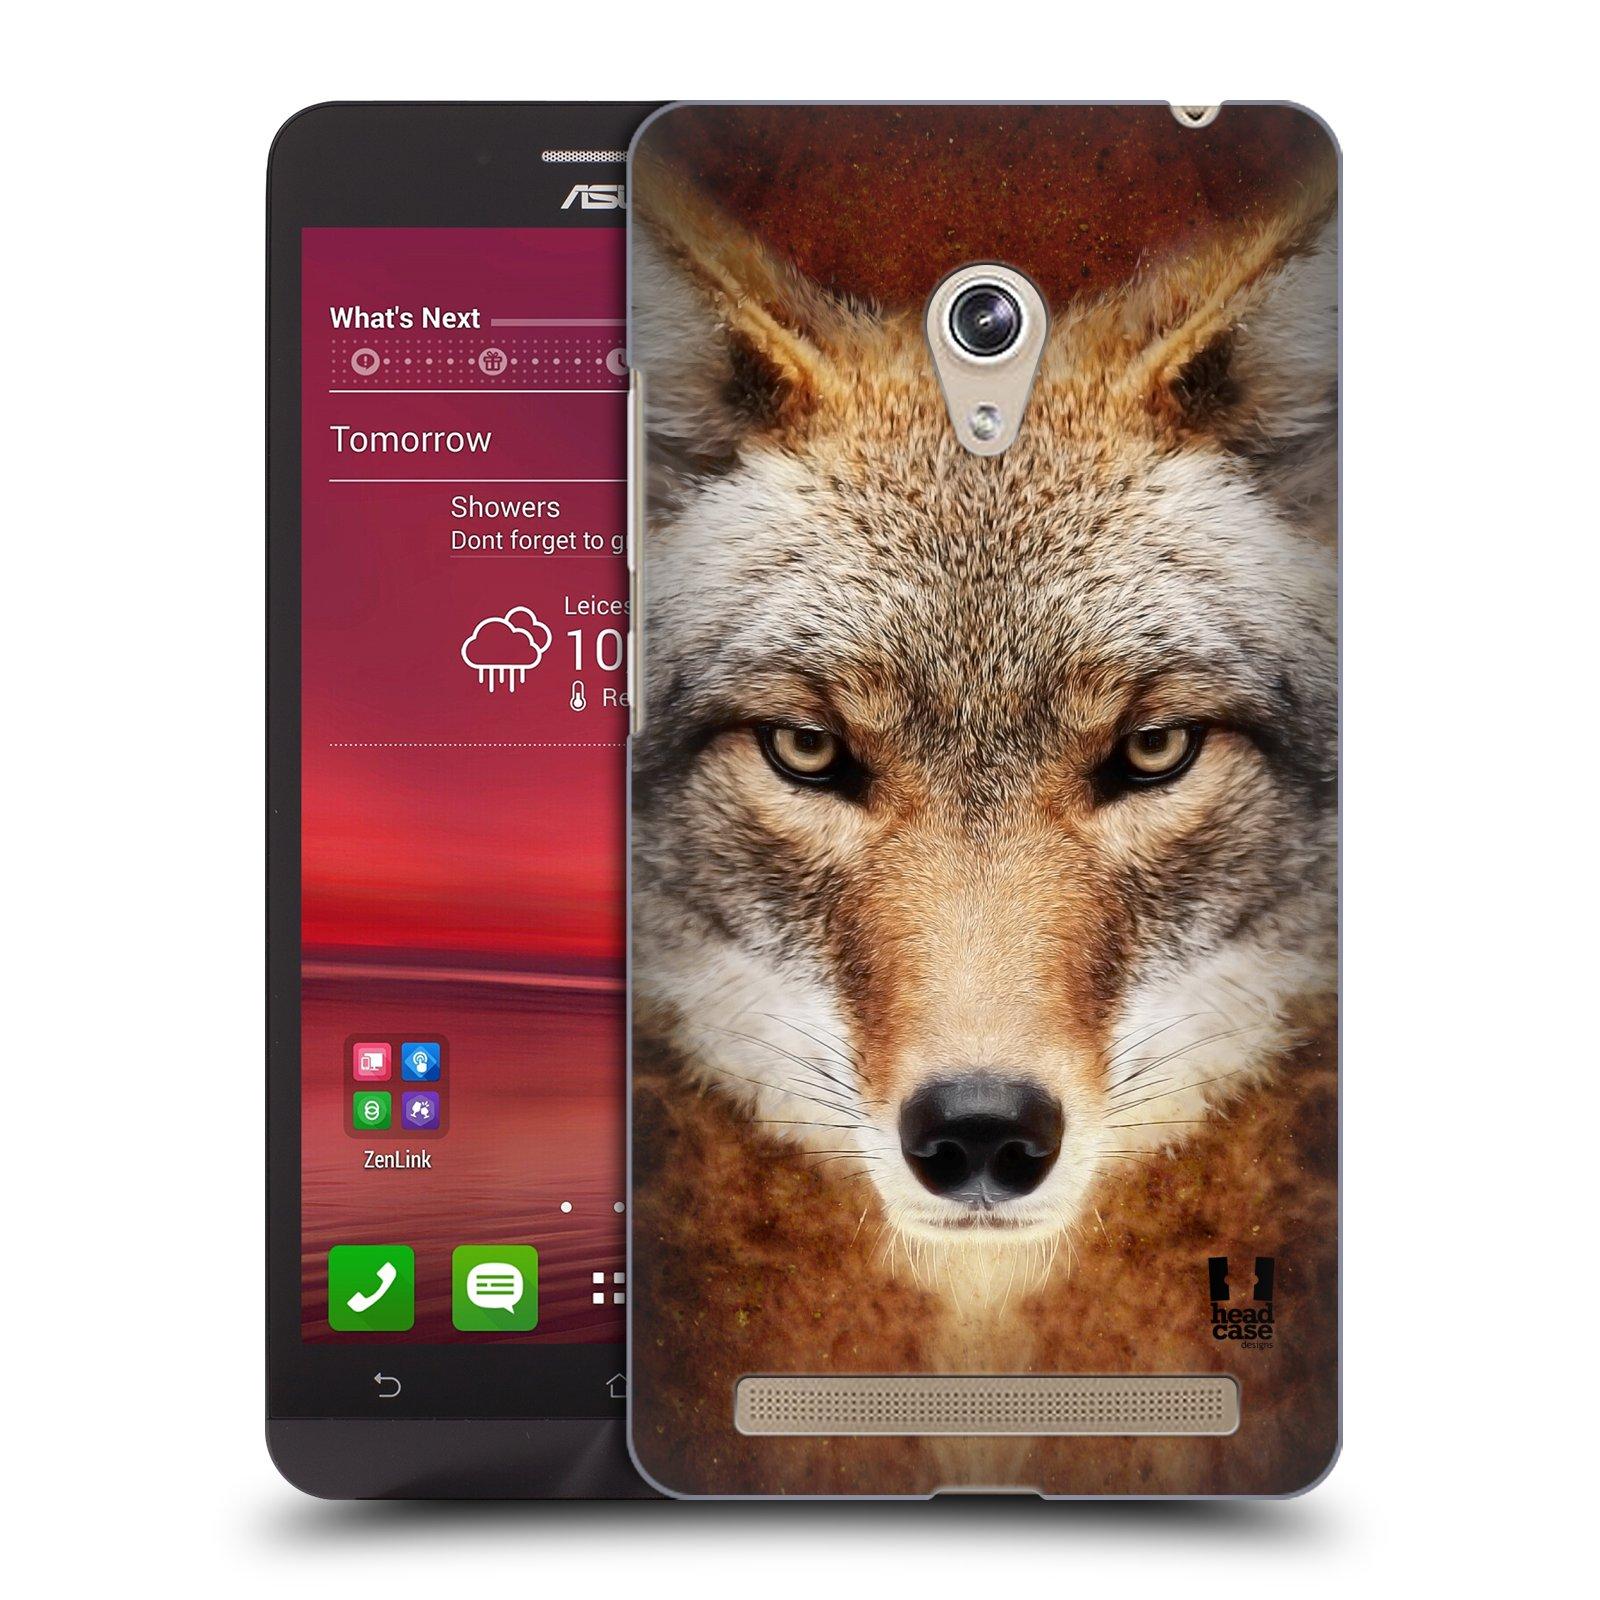 HEAD CASE plastový obal na mobil Asus Zenfone 6 vzor Zvířecí tváře kojot